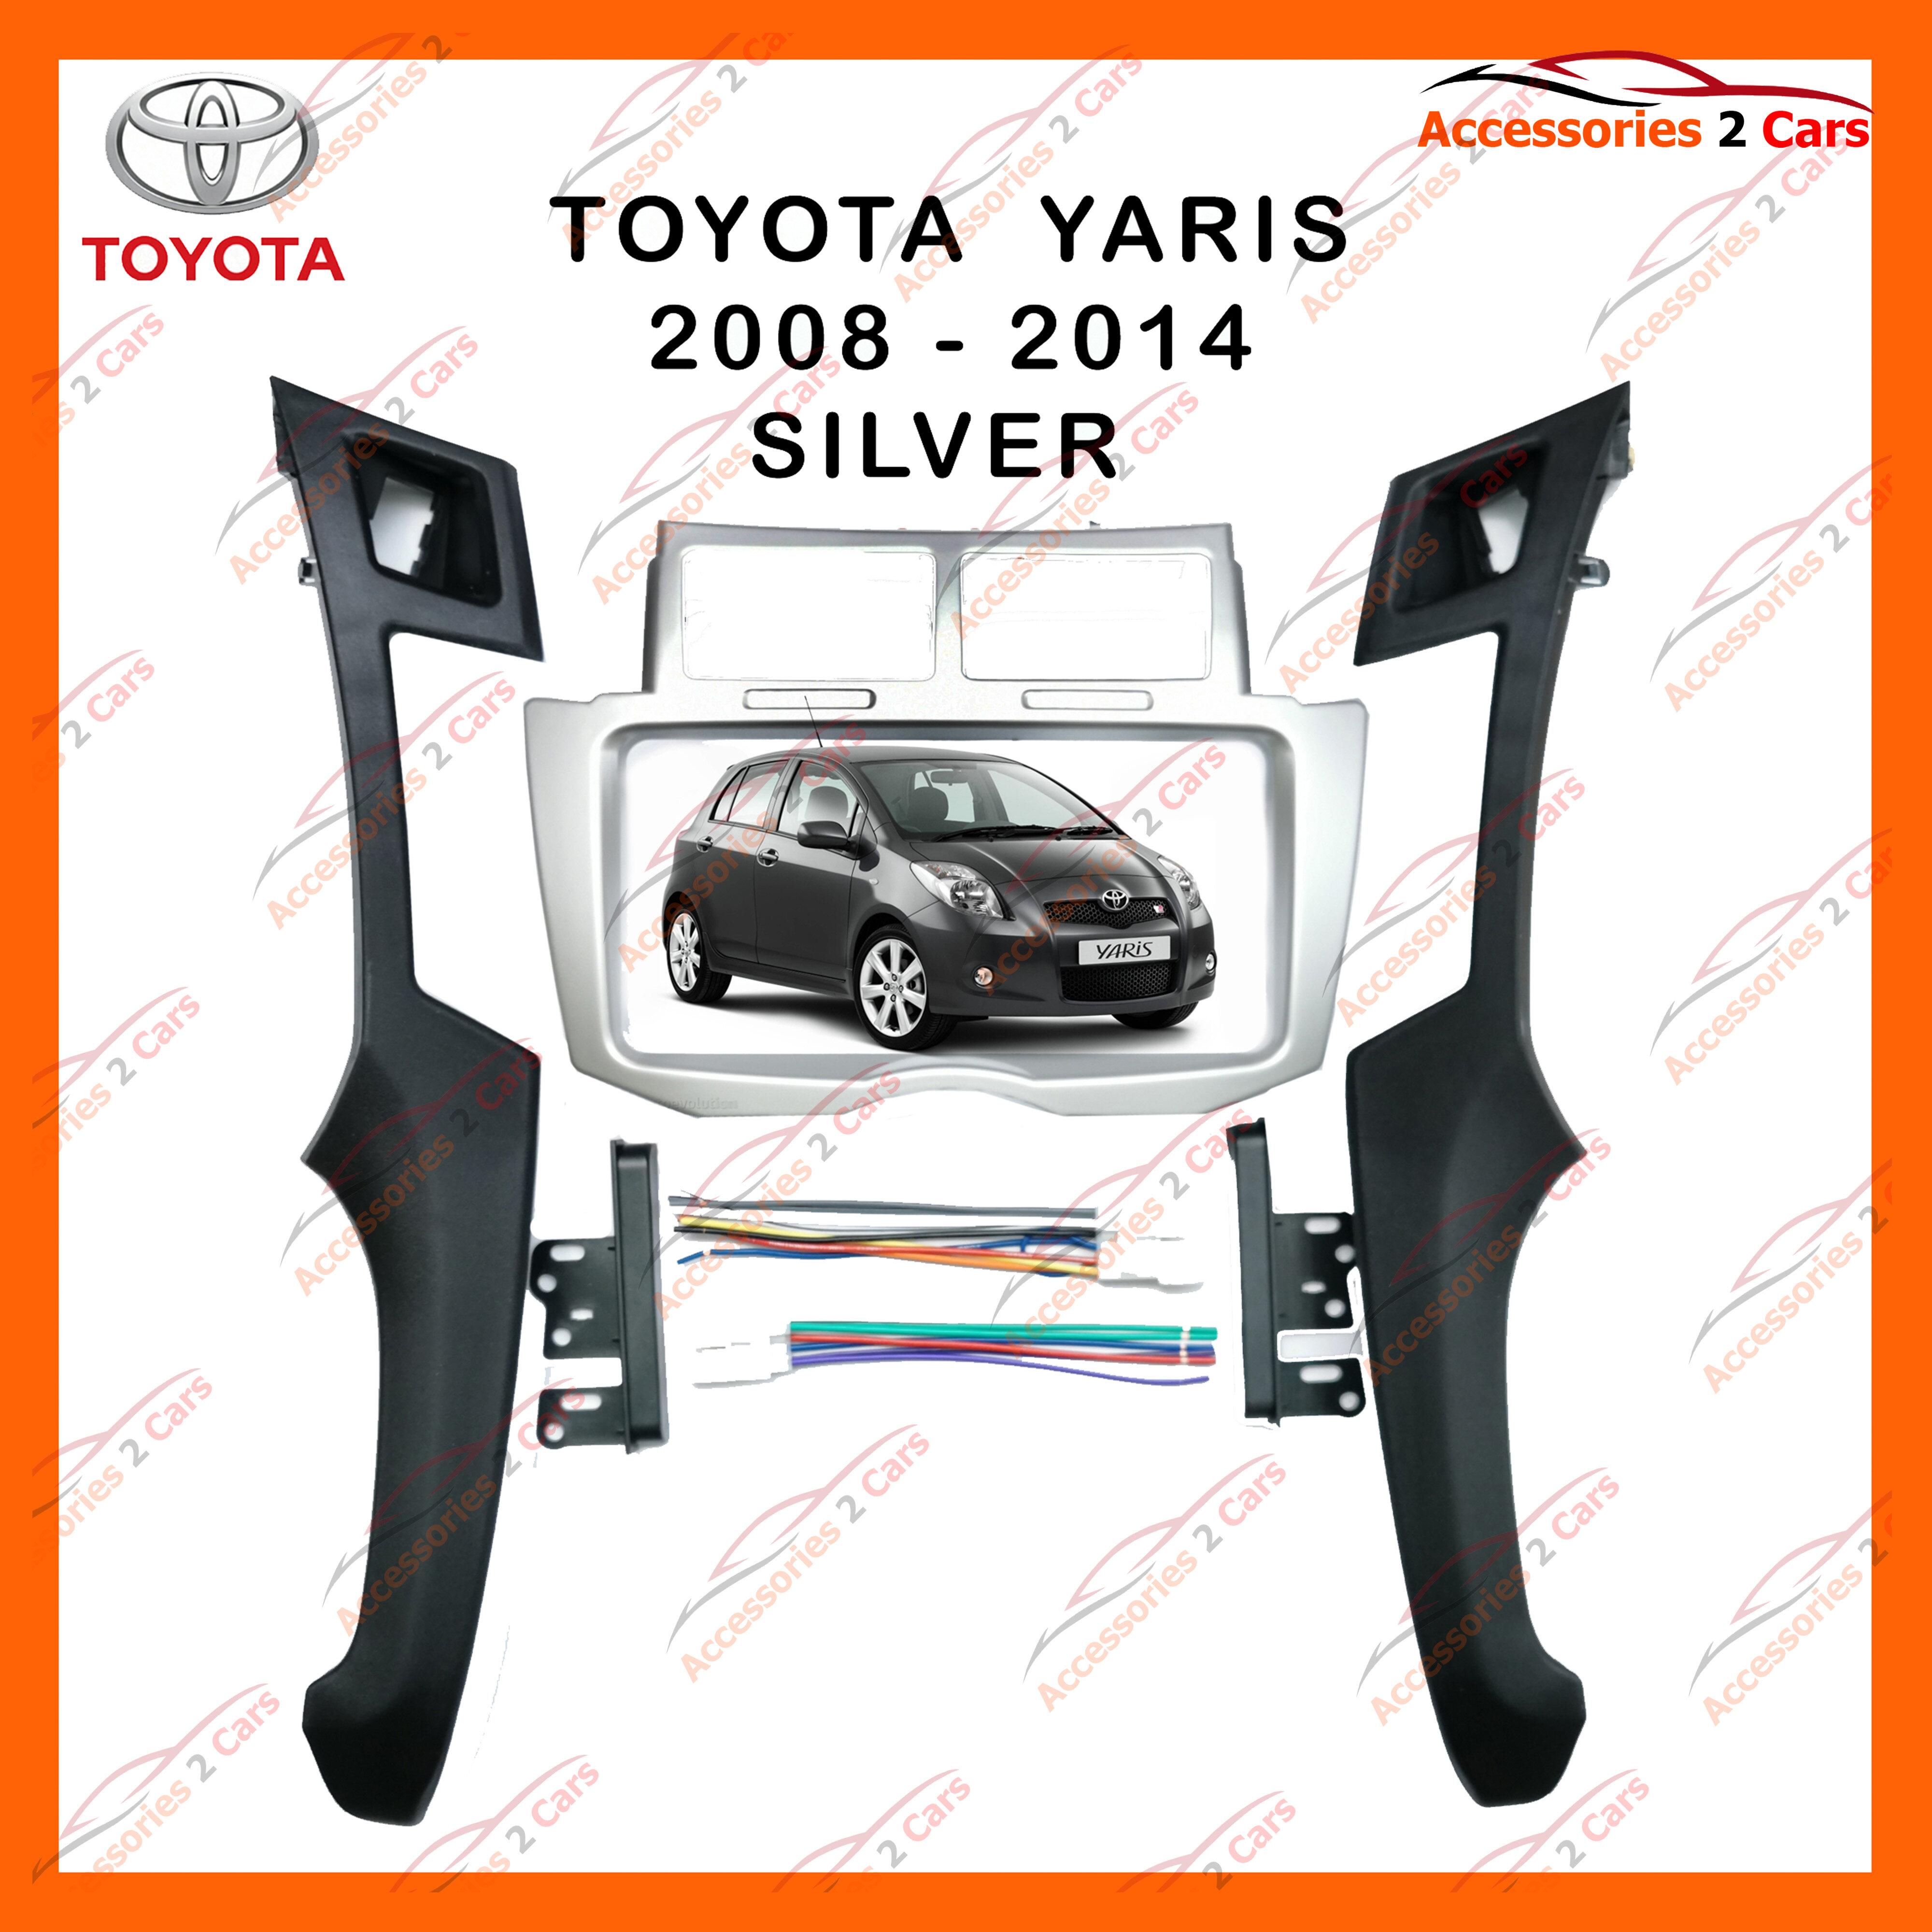 ซื้อที่ไหน หน้ากากวิทยุรถยนต์ TOYOTA YARIS สำหรับจอ 7 นิ้ว(NV-TO-142)